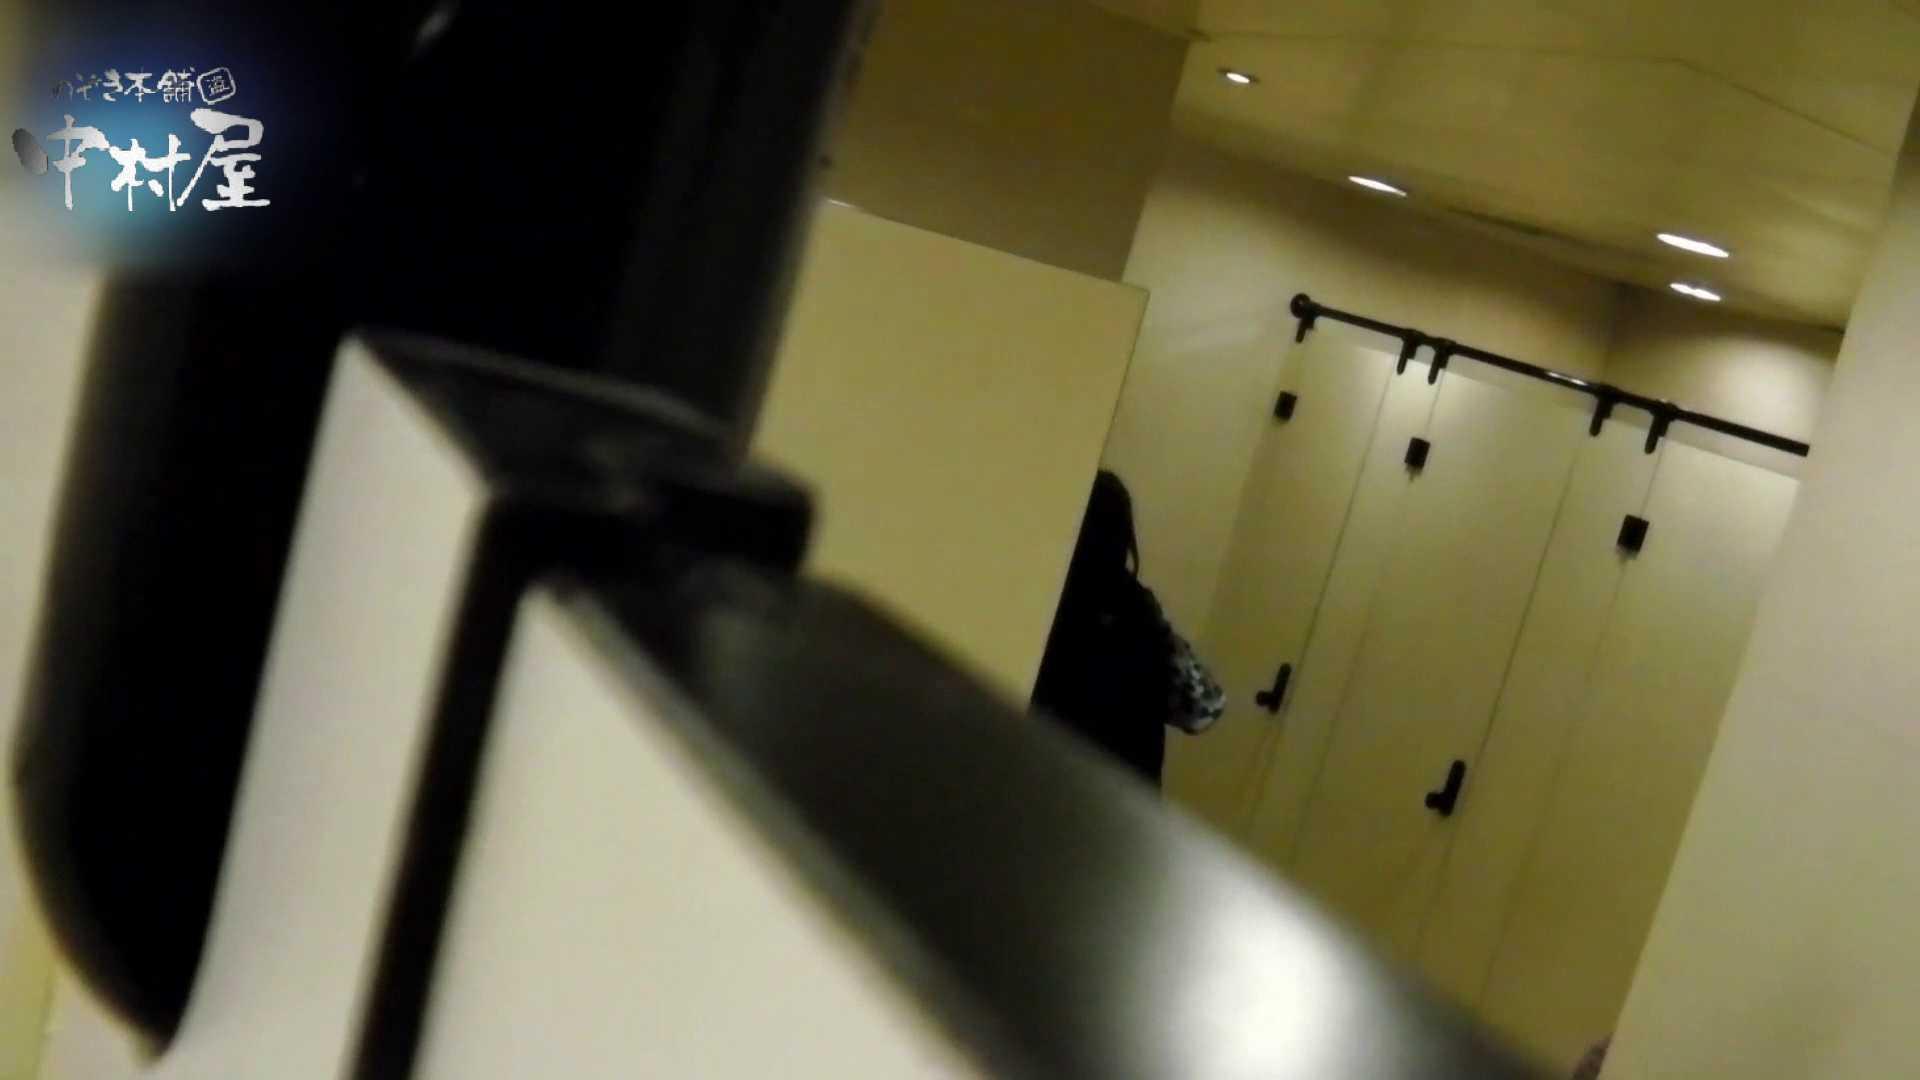 乙女集まる!ショッピングモール潜入撮vol.02 乙女のエロ動画 おめこ無修正動画無料 102PIX 49